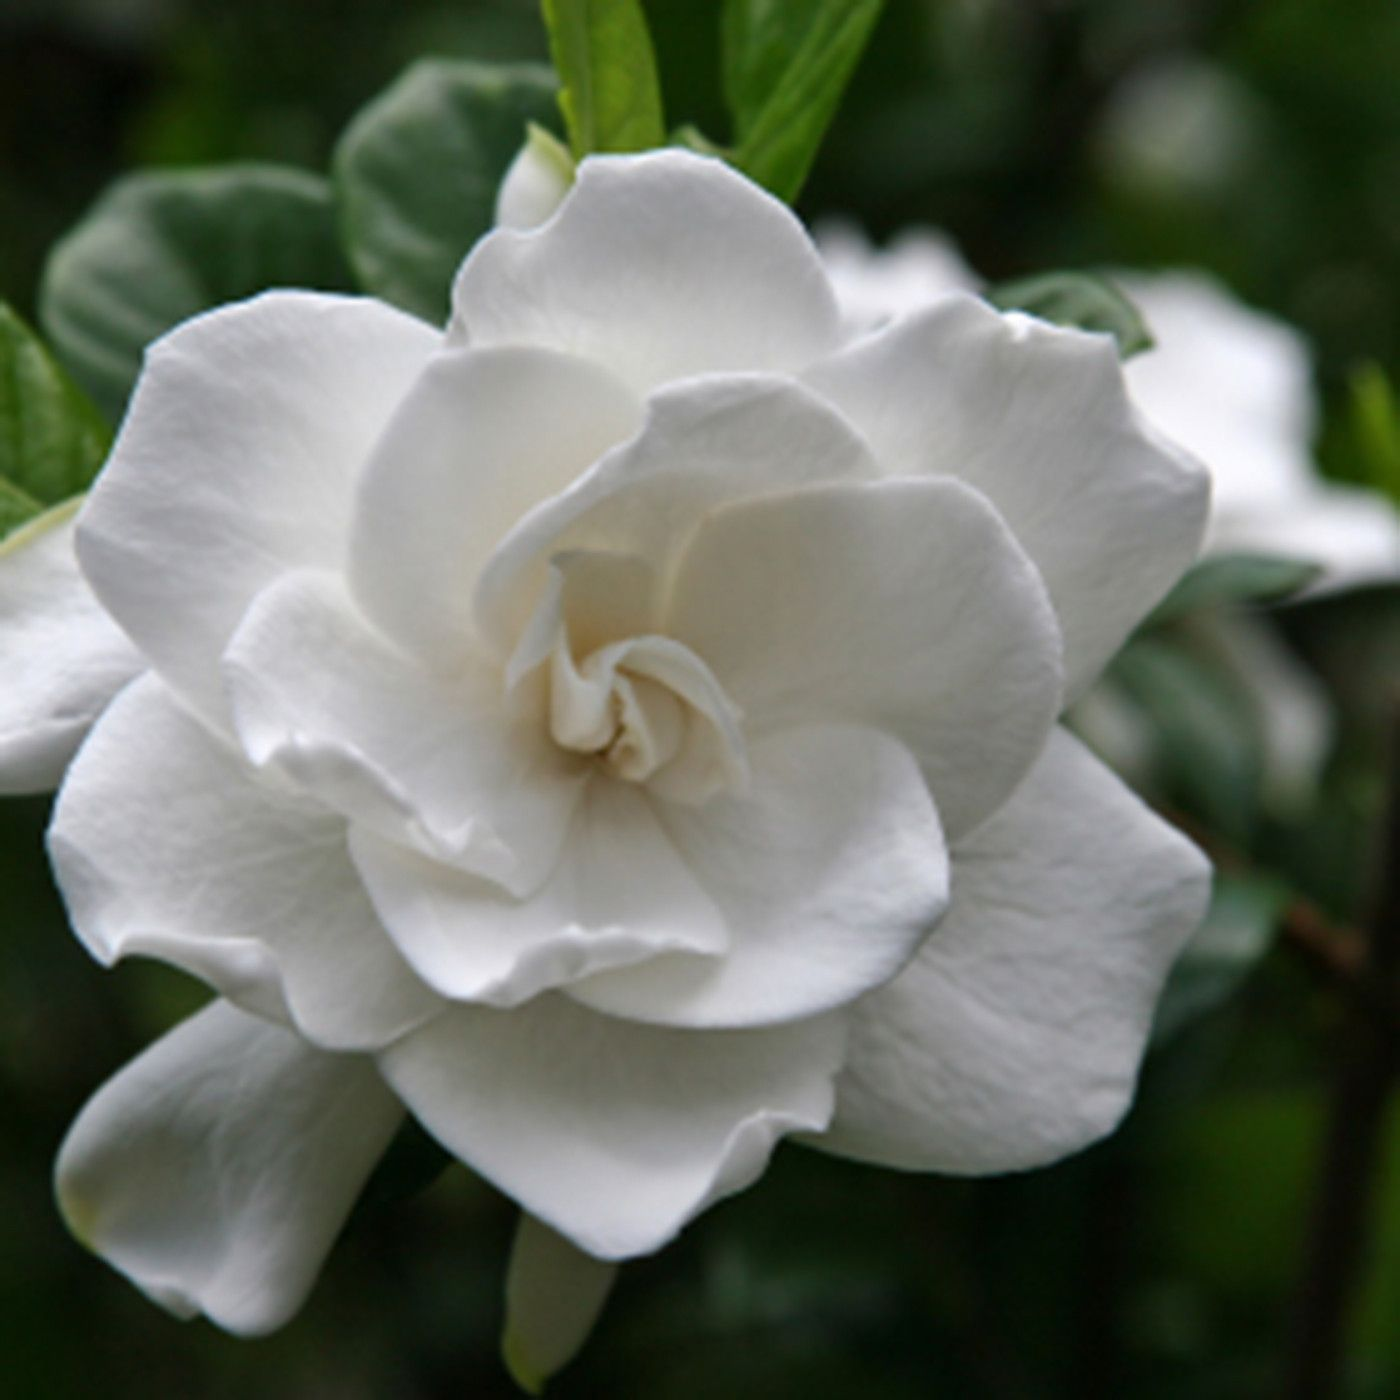 Gardenia edible perfume spray gardenias sprays and privacy trees gardenia edible perfume spray mightylinksfo